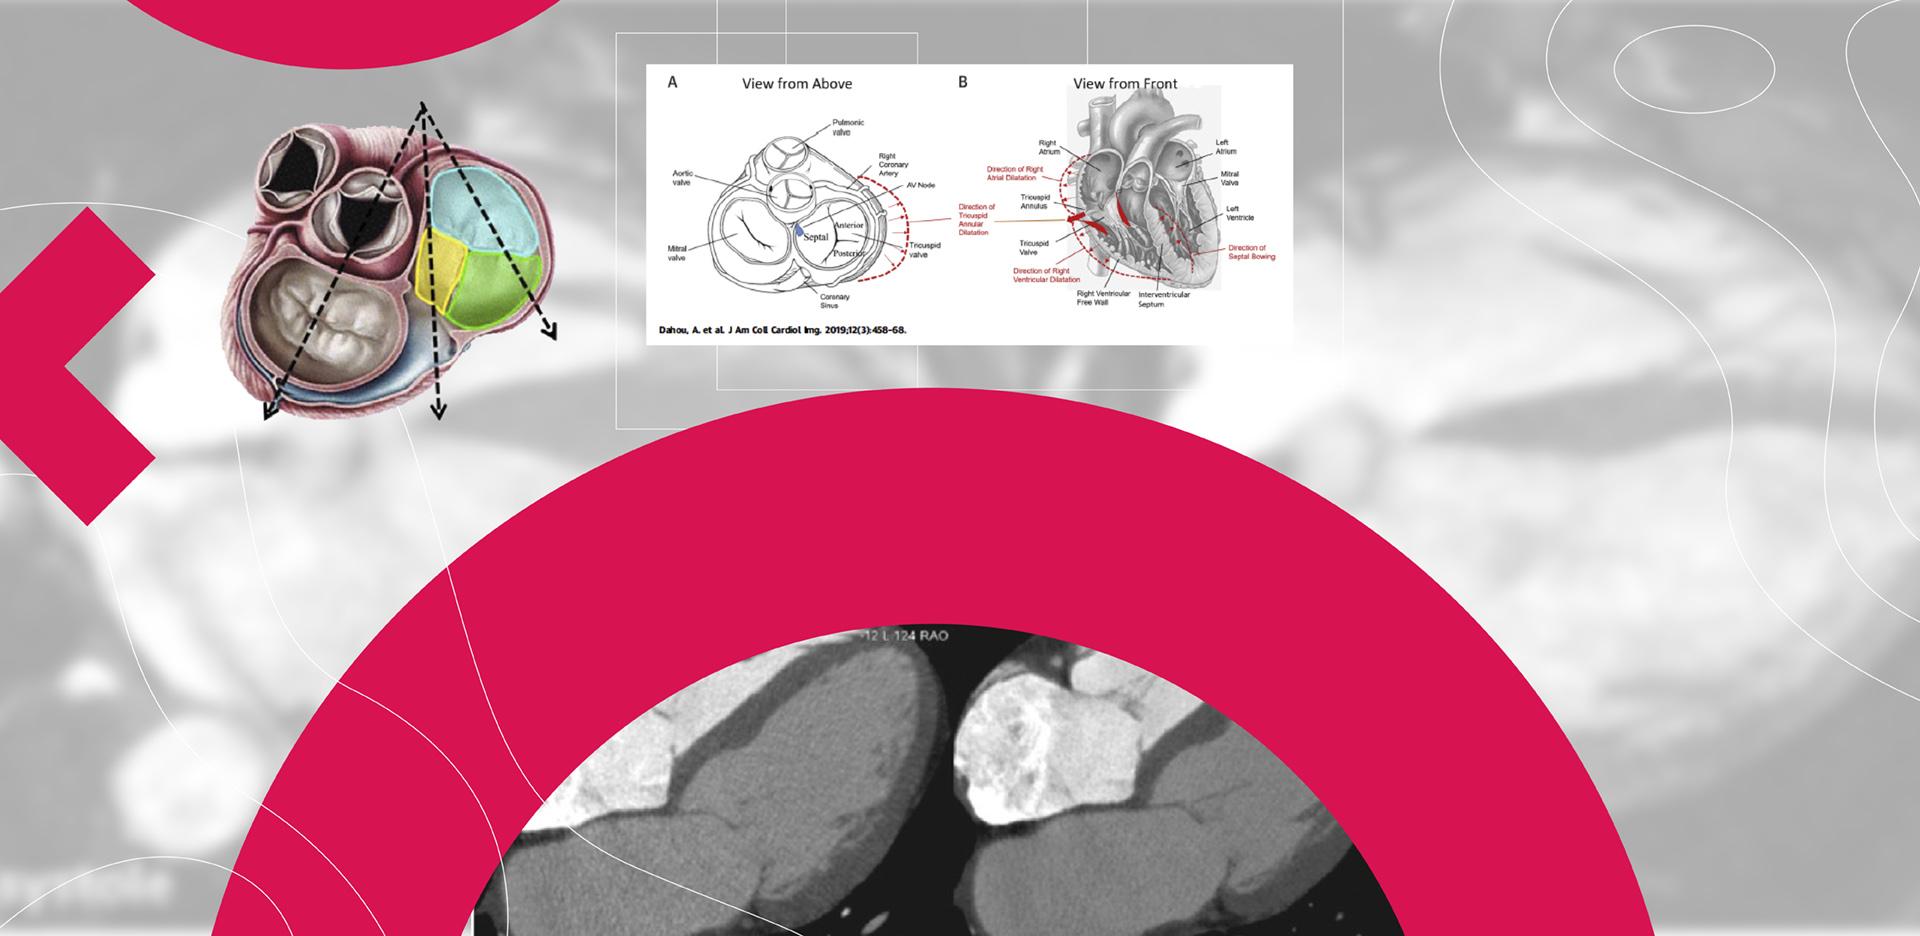 Anatomia e função da Tricúspide